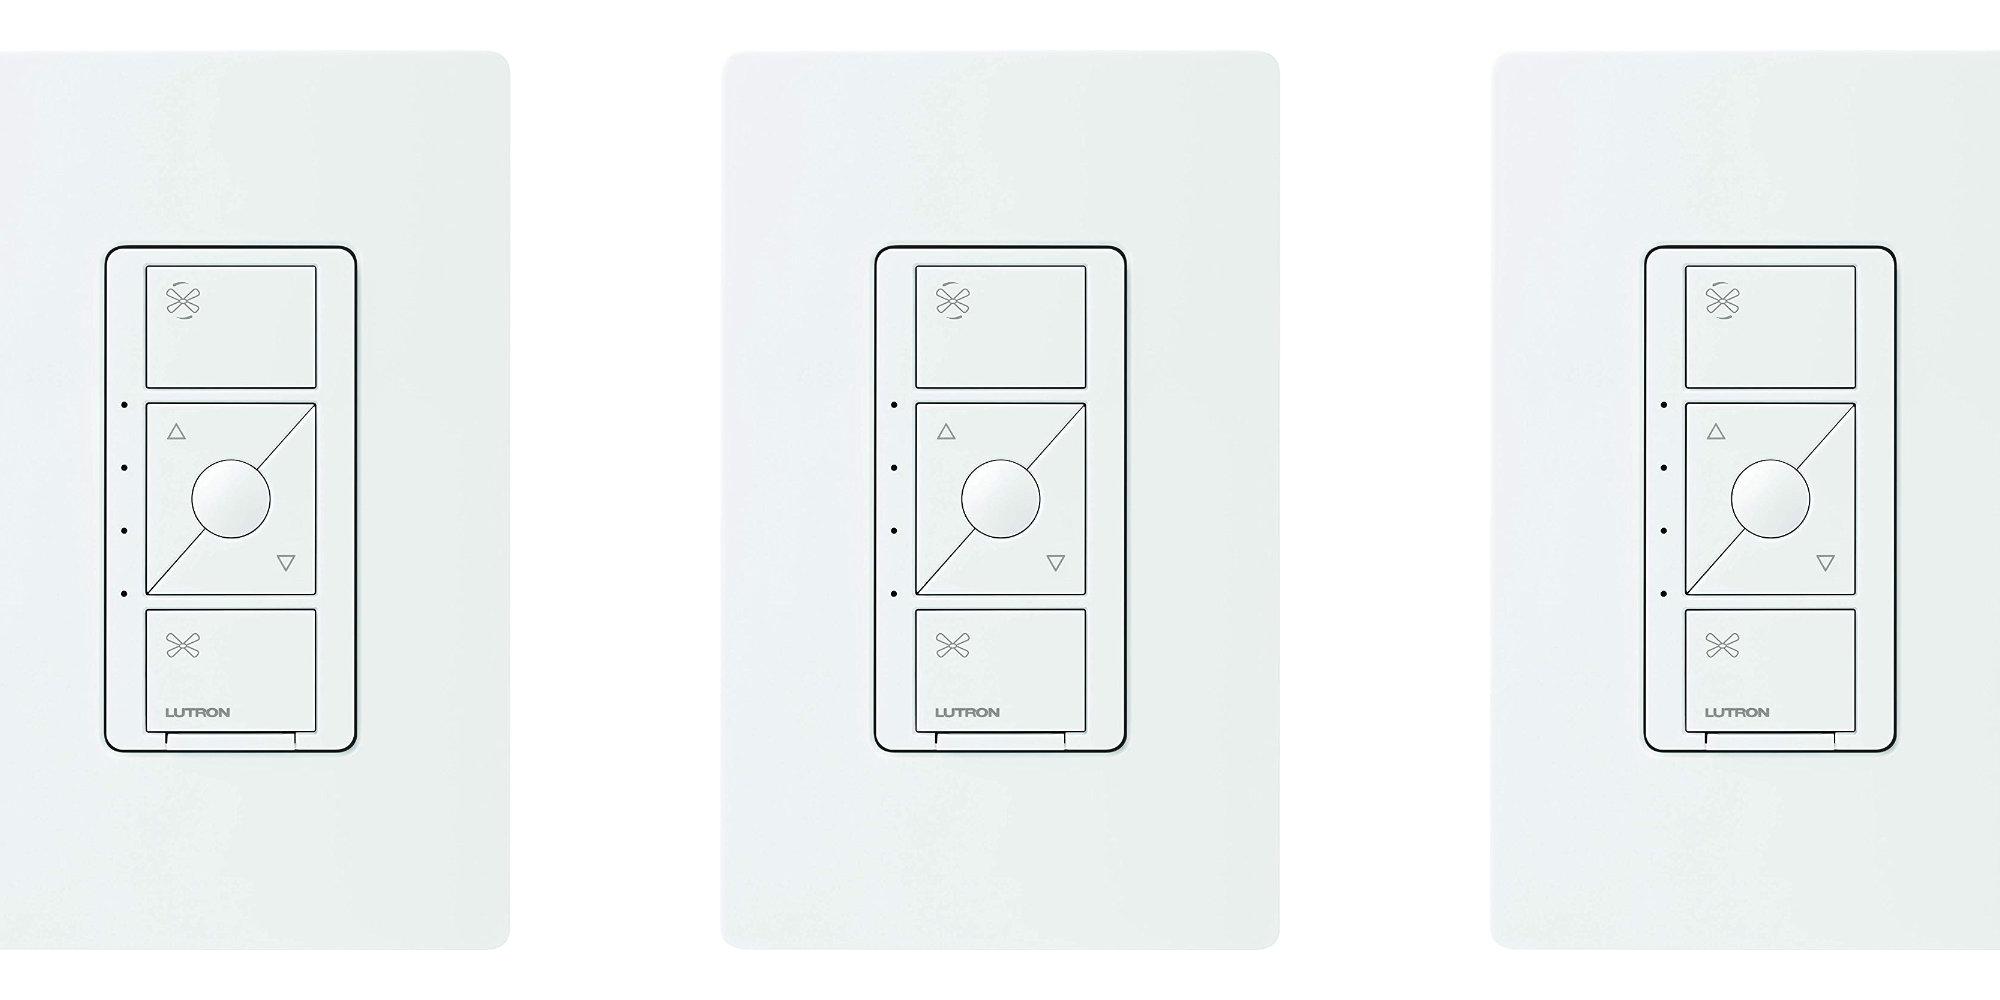 Lutron's recently-released HomeKit Smart Fan Switch drops to $50 50